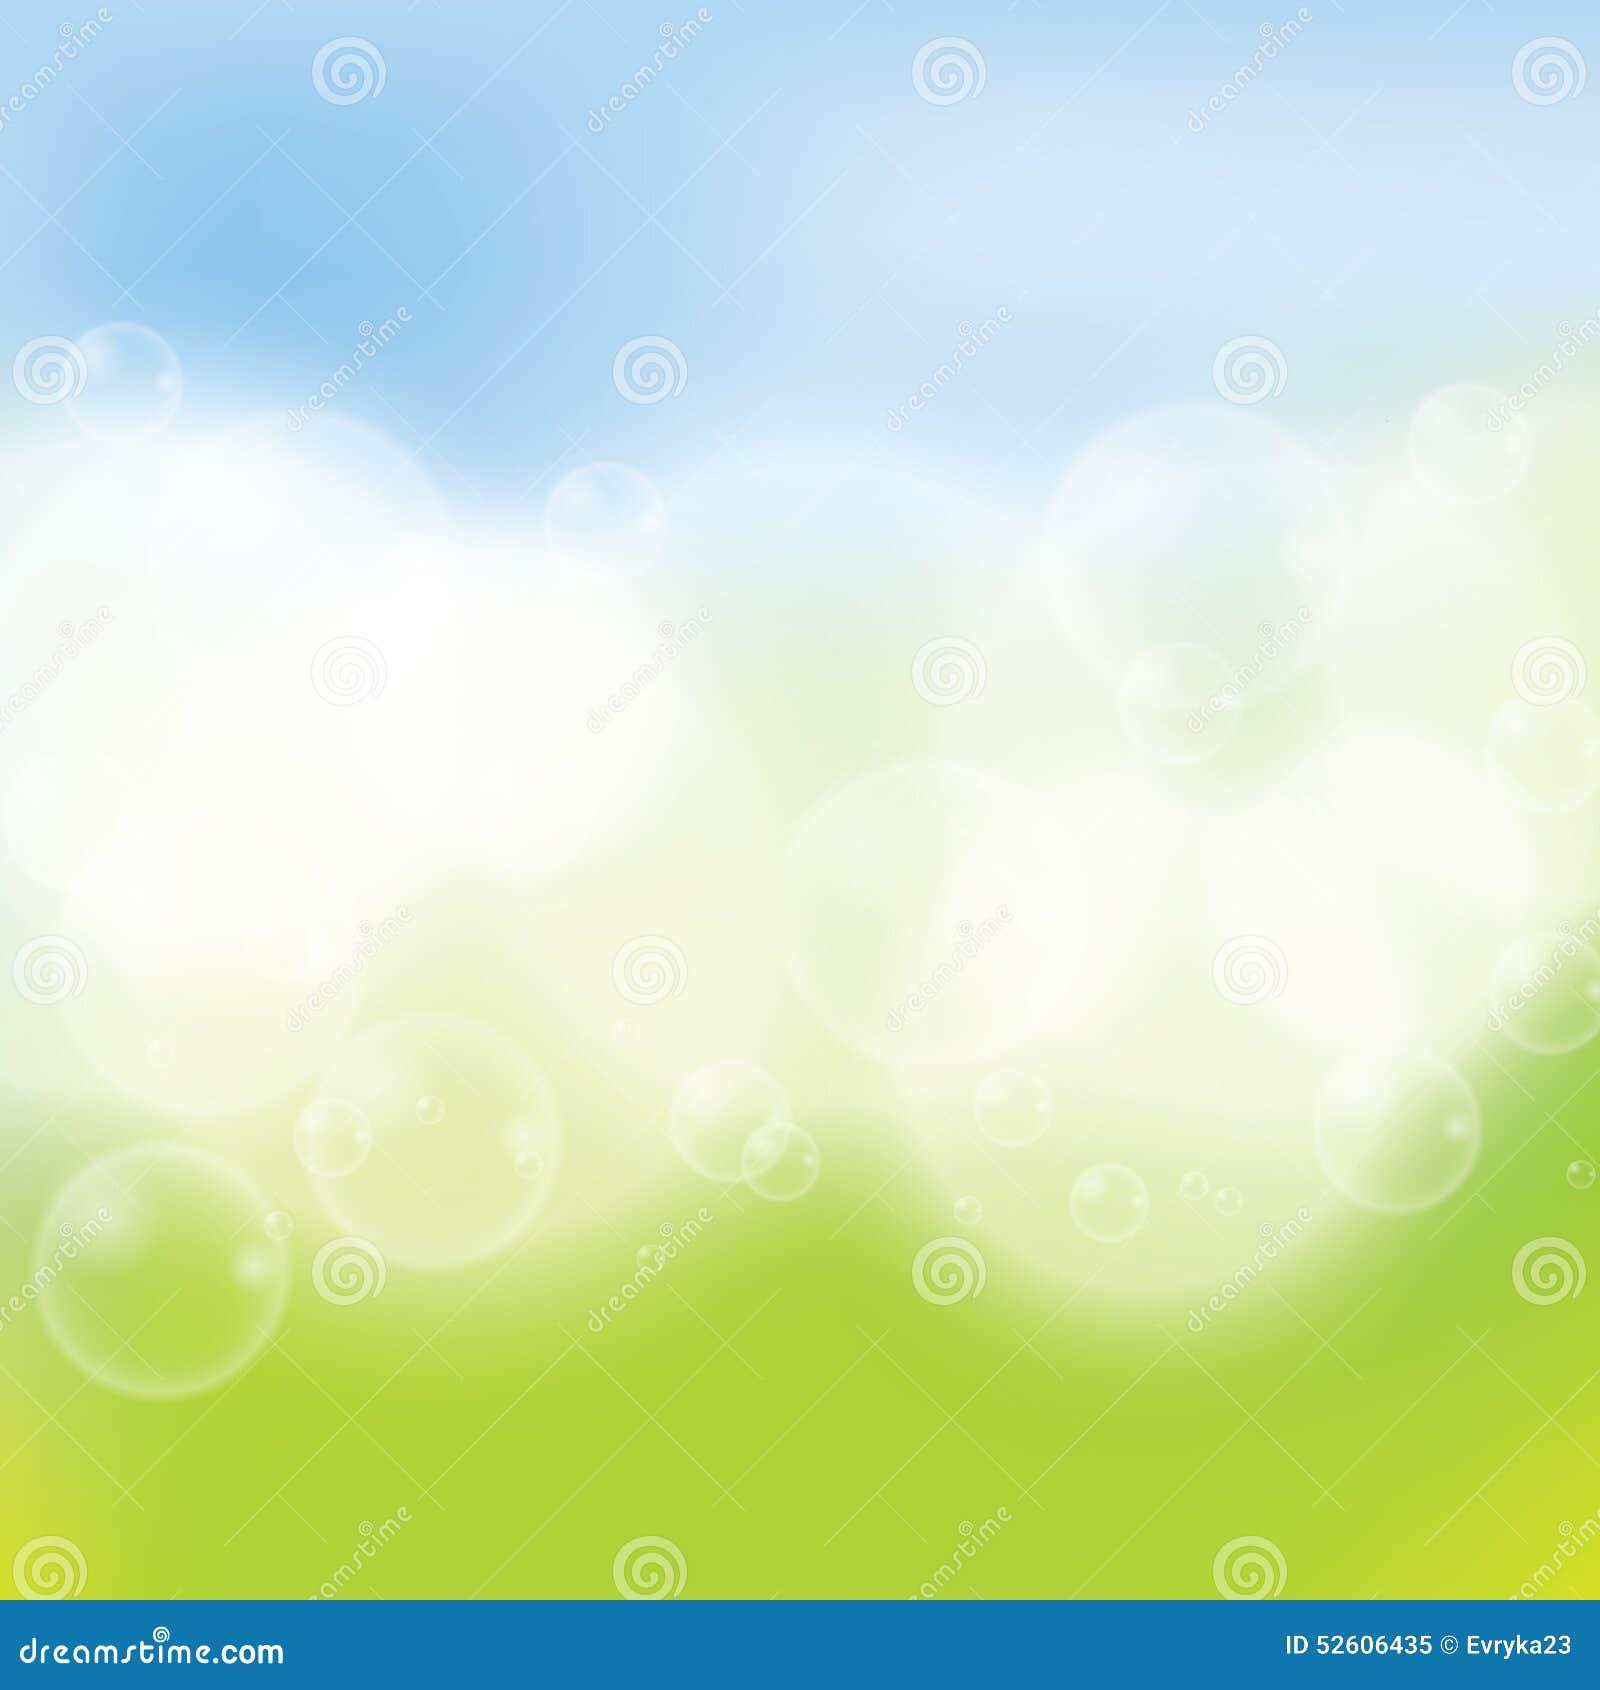 青�9/&�b�K��X��R��S����_抽象春天青绿的背景淡色